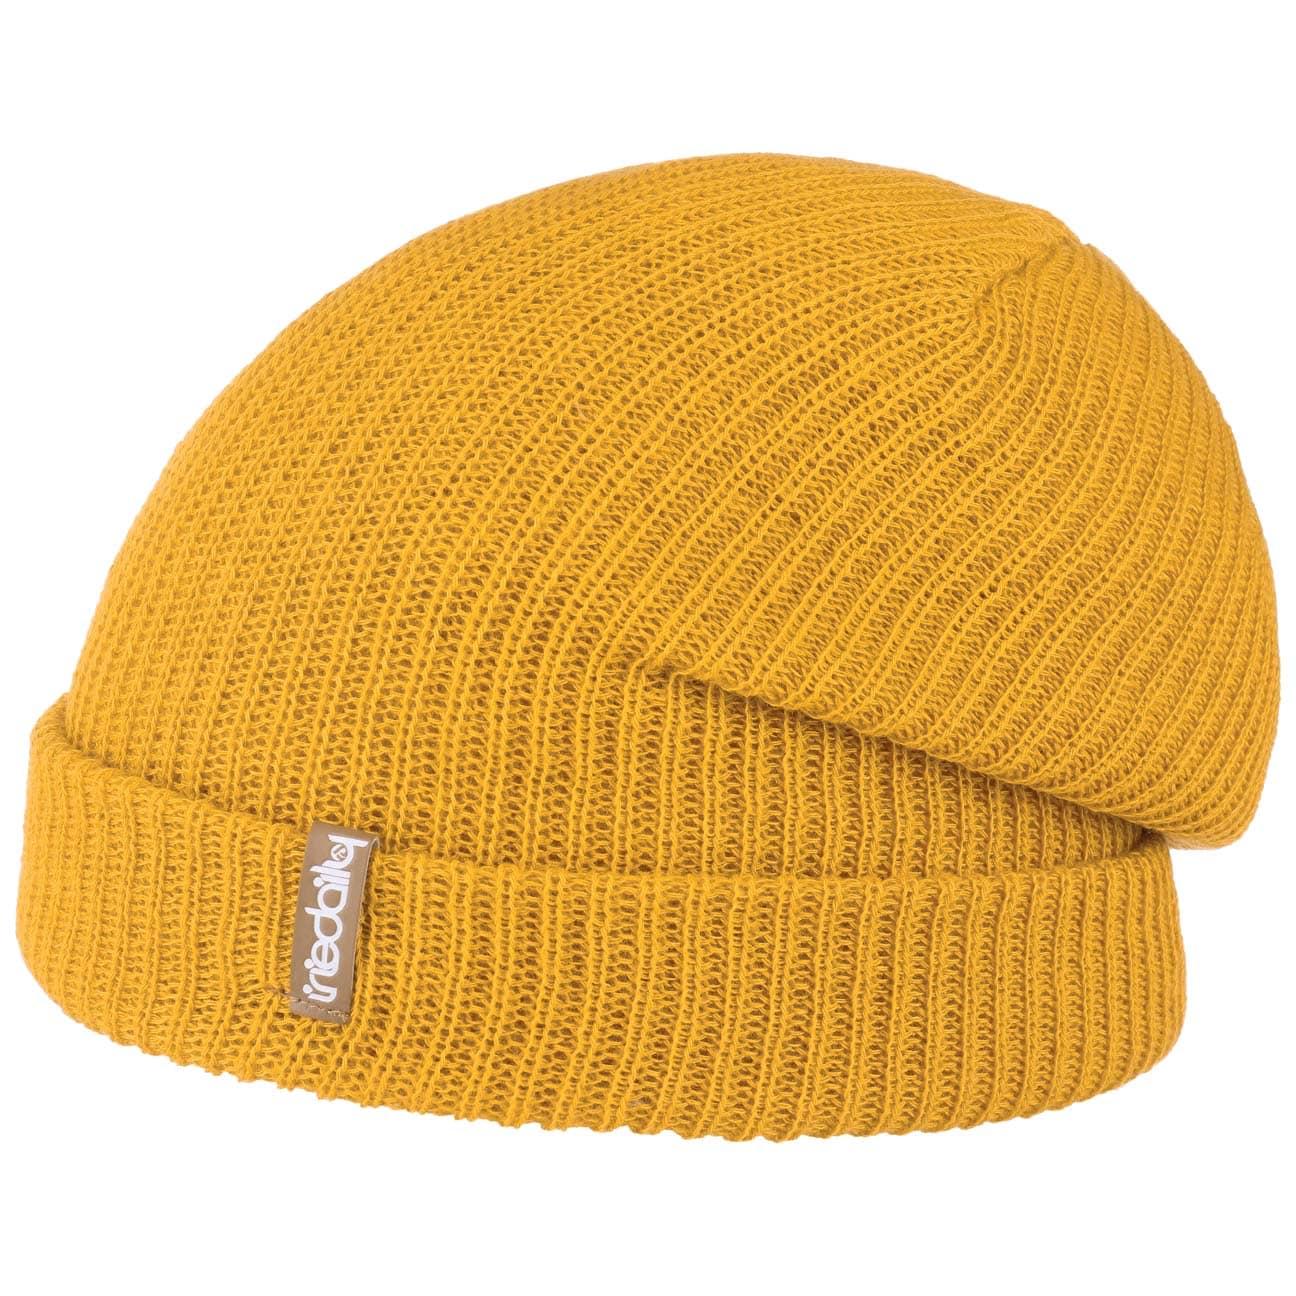 Bonnet Beanie Smurpher Light by iriedaily  bonnet à revers